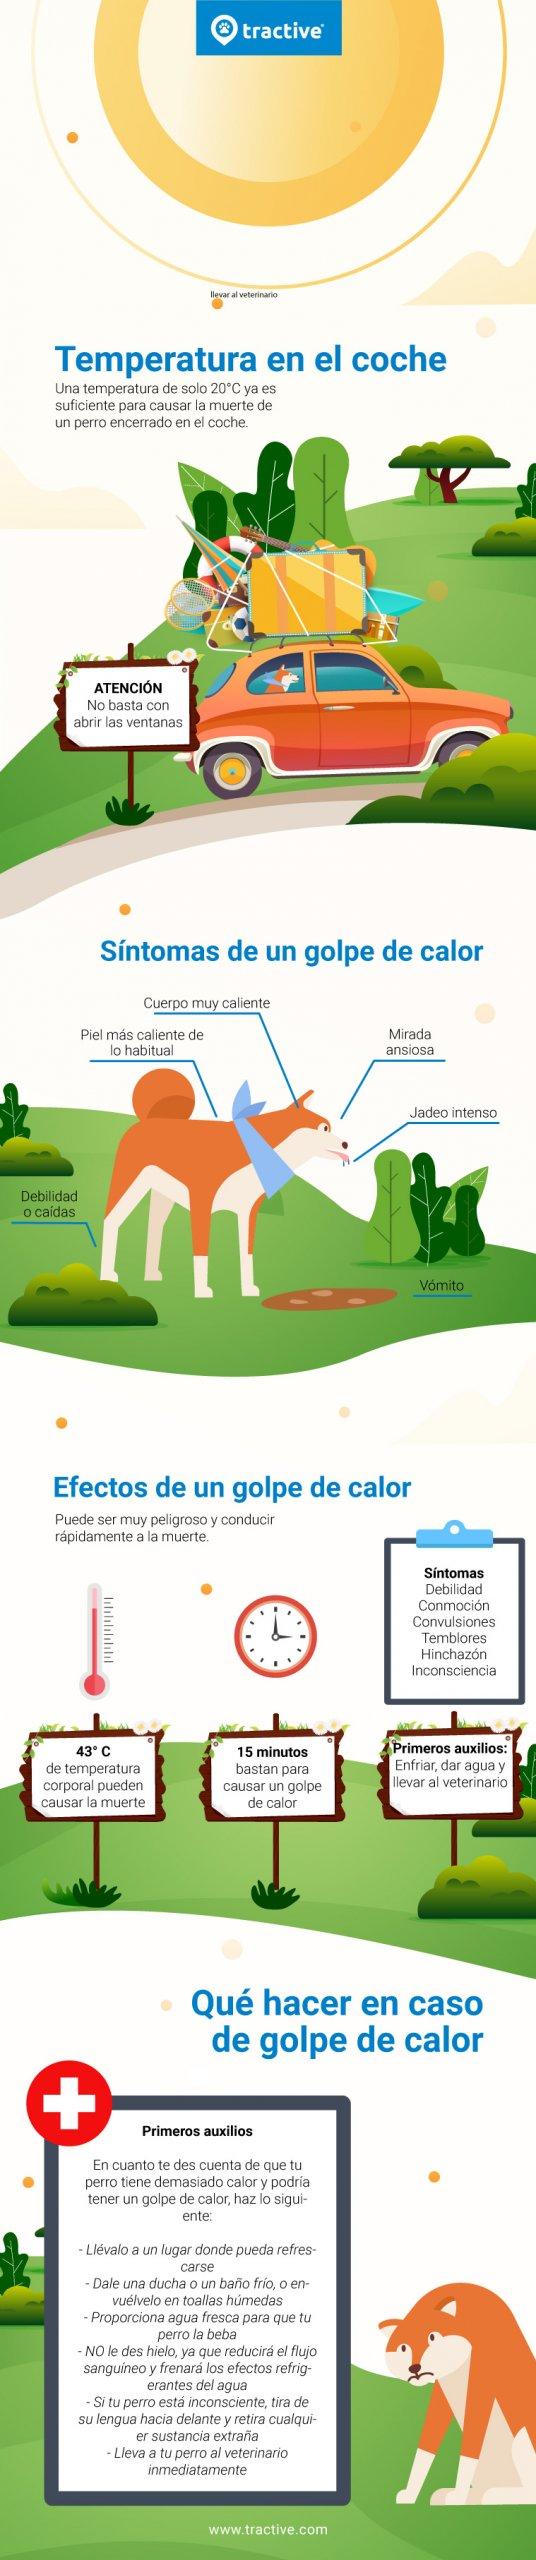 Infografía sobre el golpe de calor en perros: temperaturas, síntomas y tratamiento.